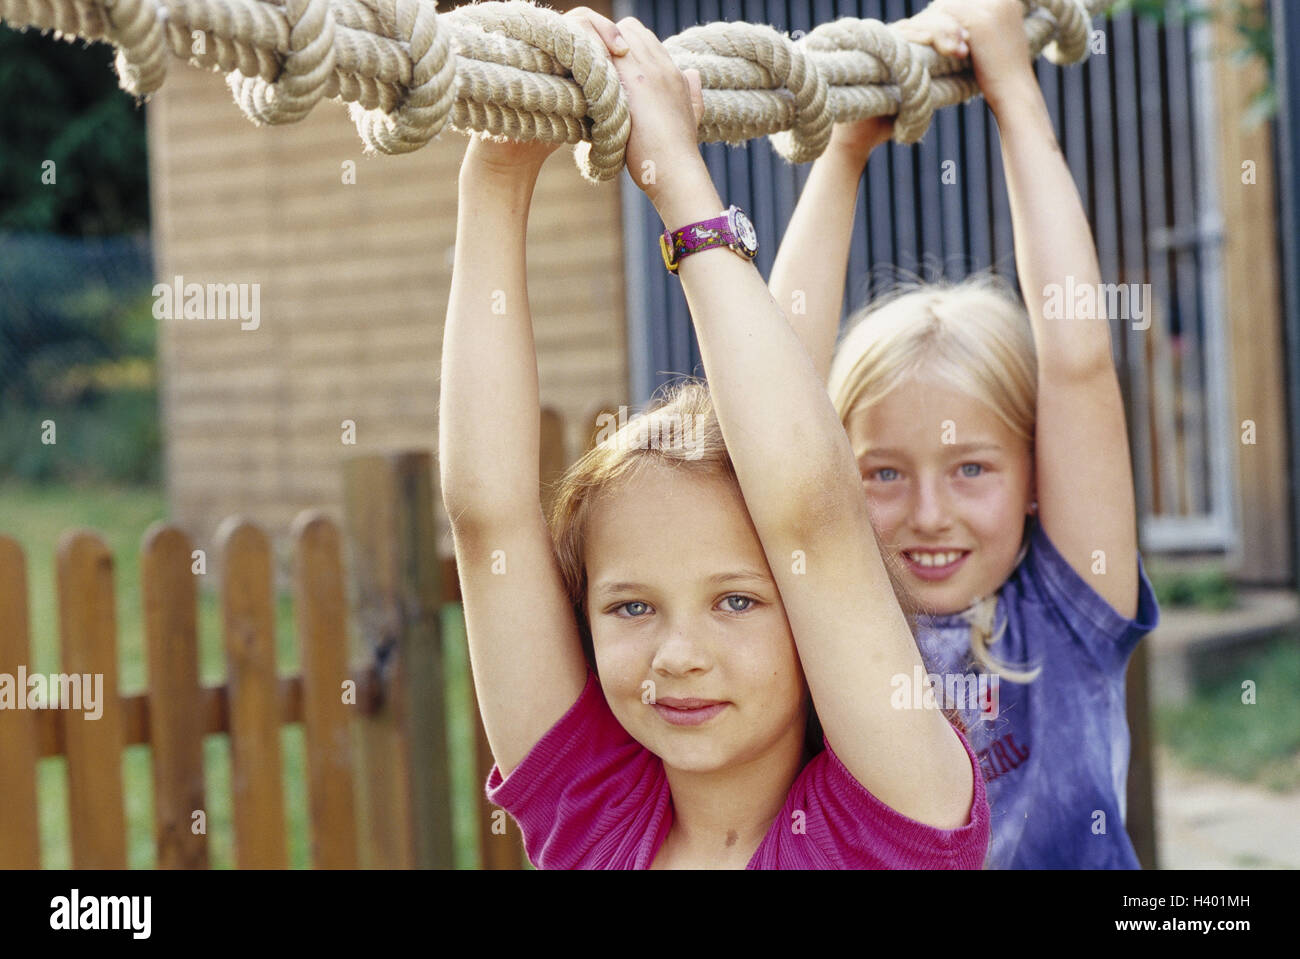 Wunderbar Freundschaft Rahmen Ideen - Mit Bilderrahmen Dekorieren ...